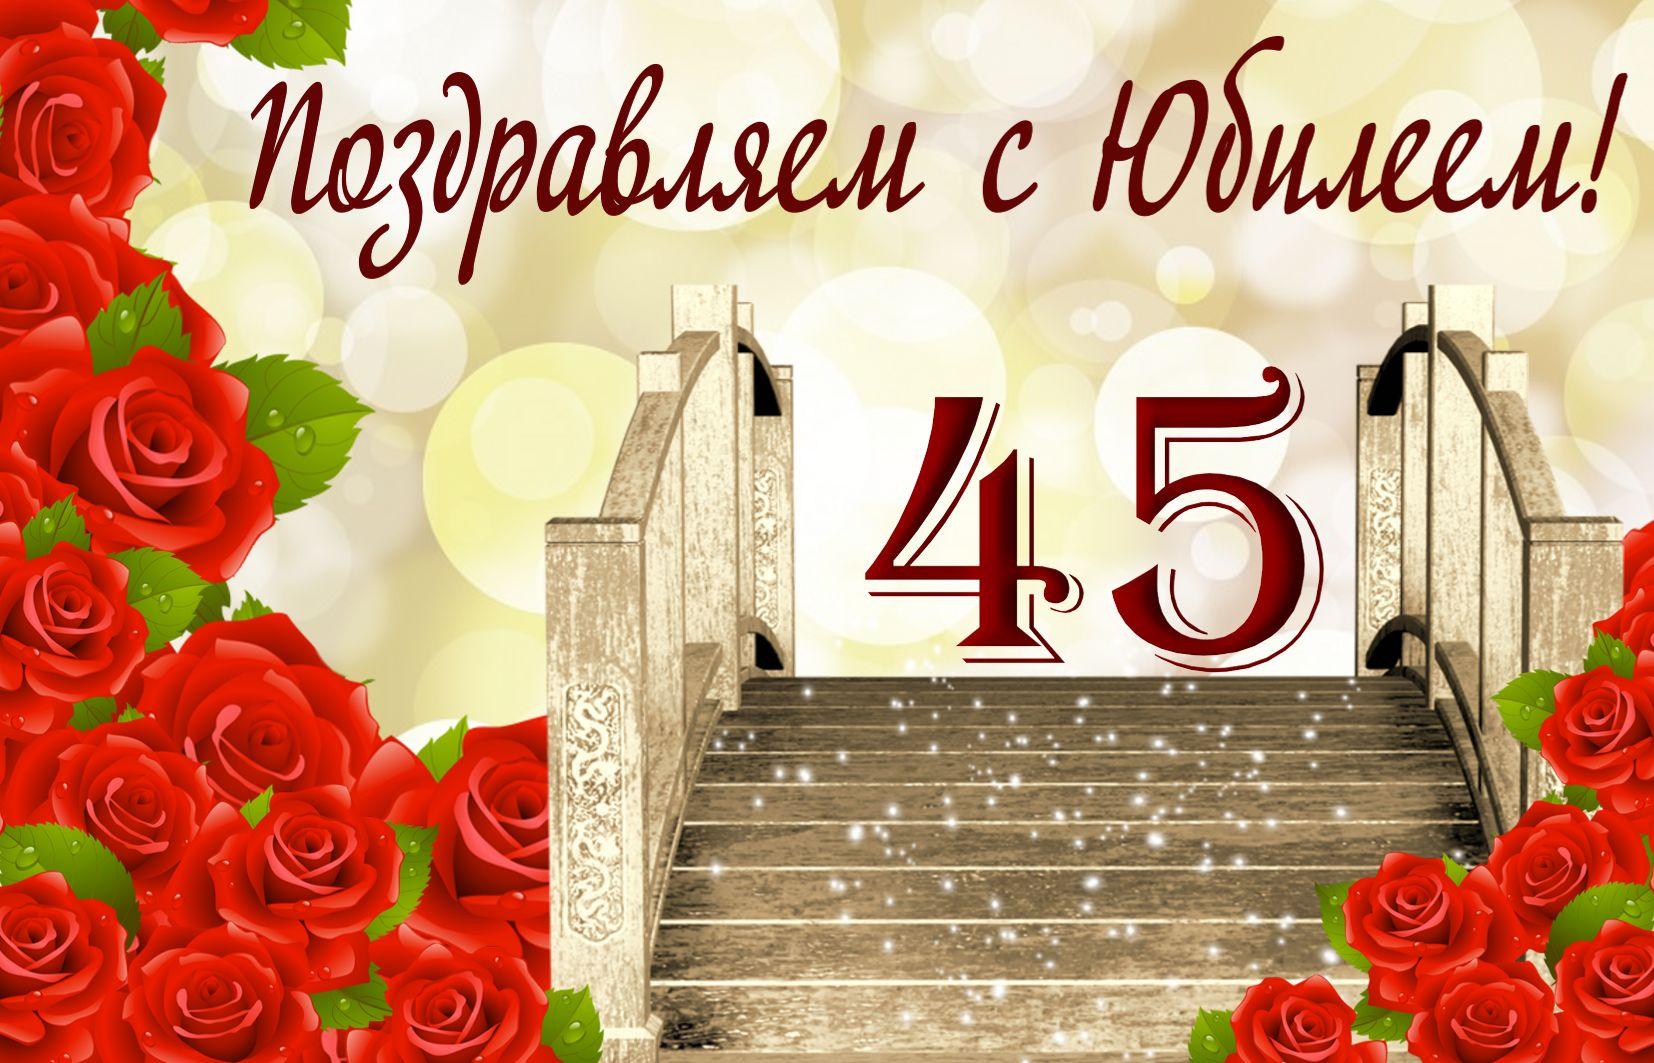 Поздравления друга с юбилеем 45 лет